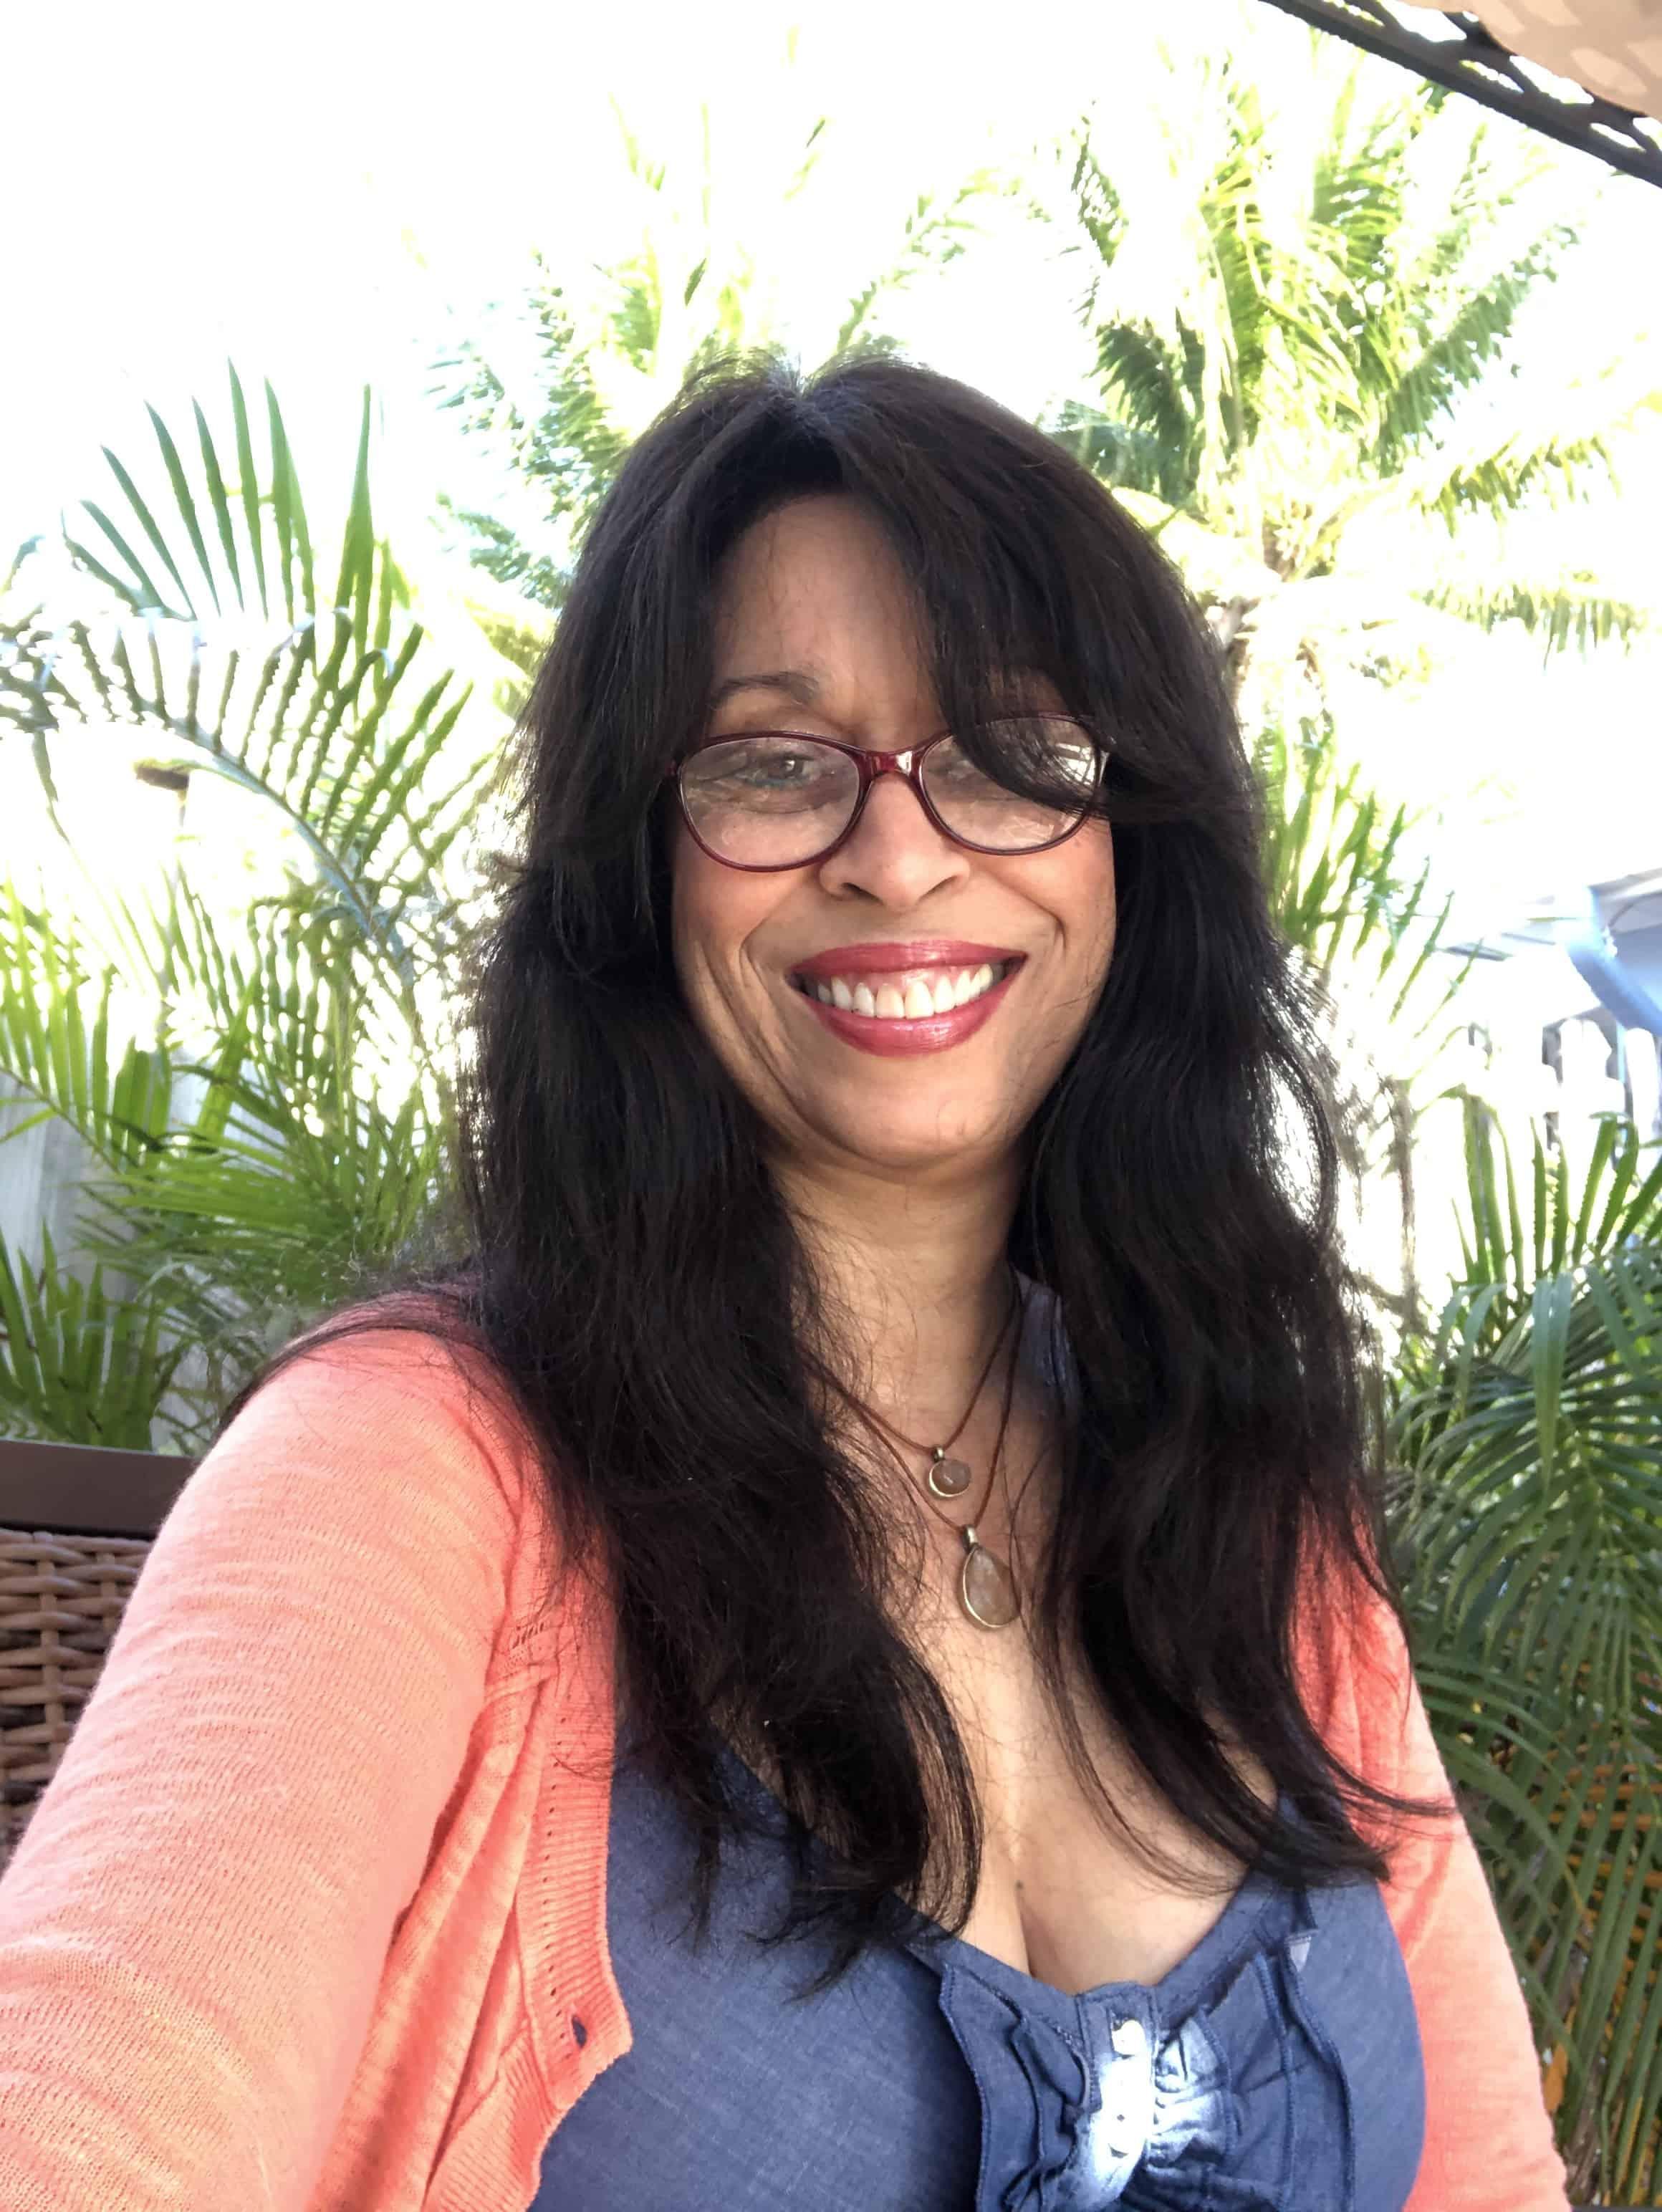 Alexa Bizzell